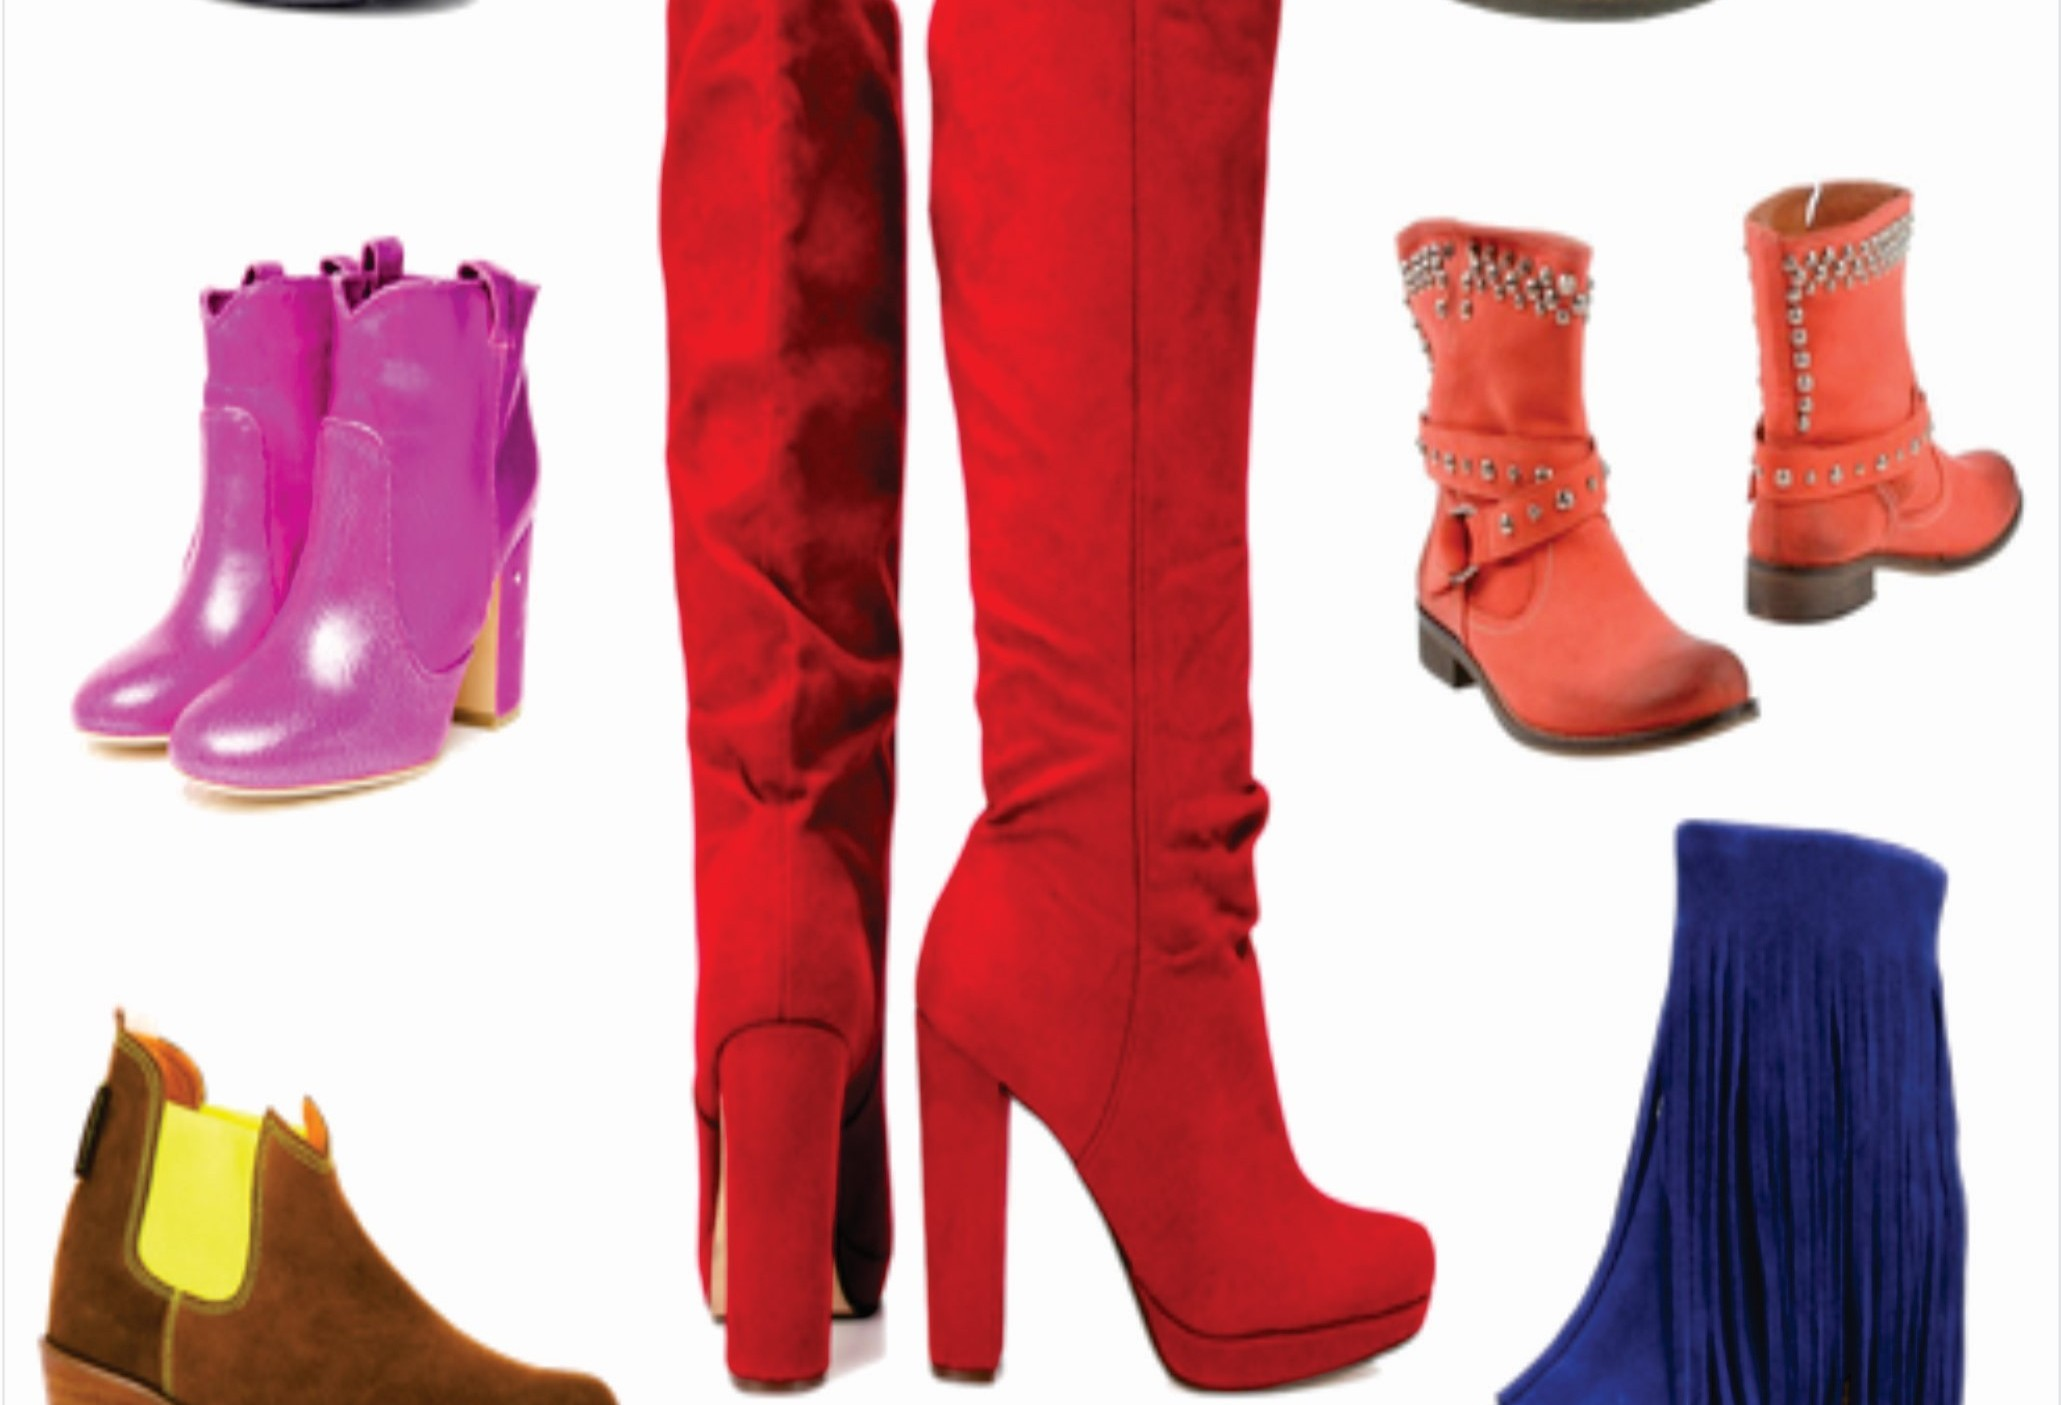 Sapatos coloridos estão em alta na coleção outono-inverno